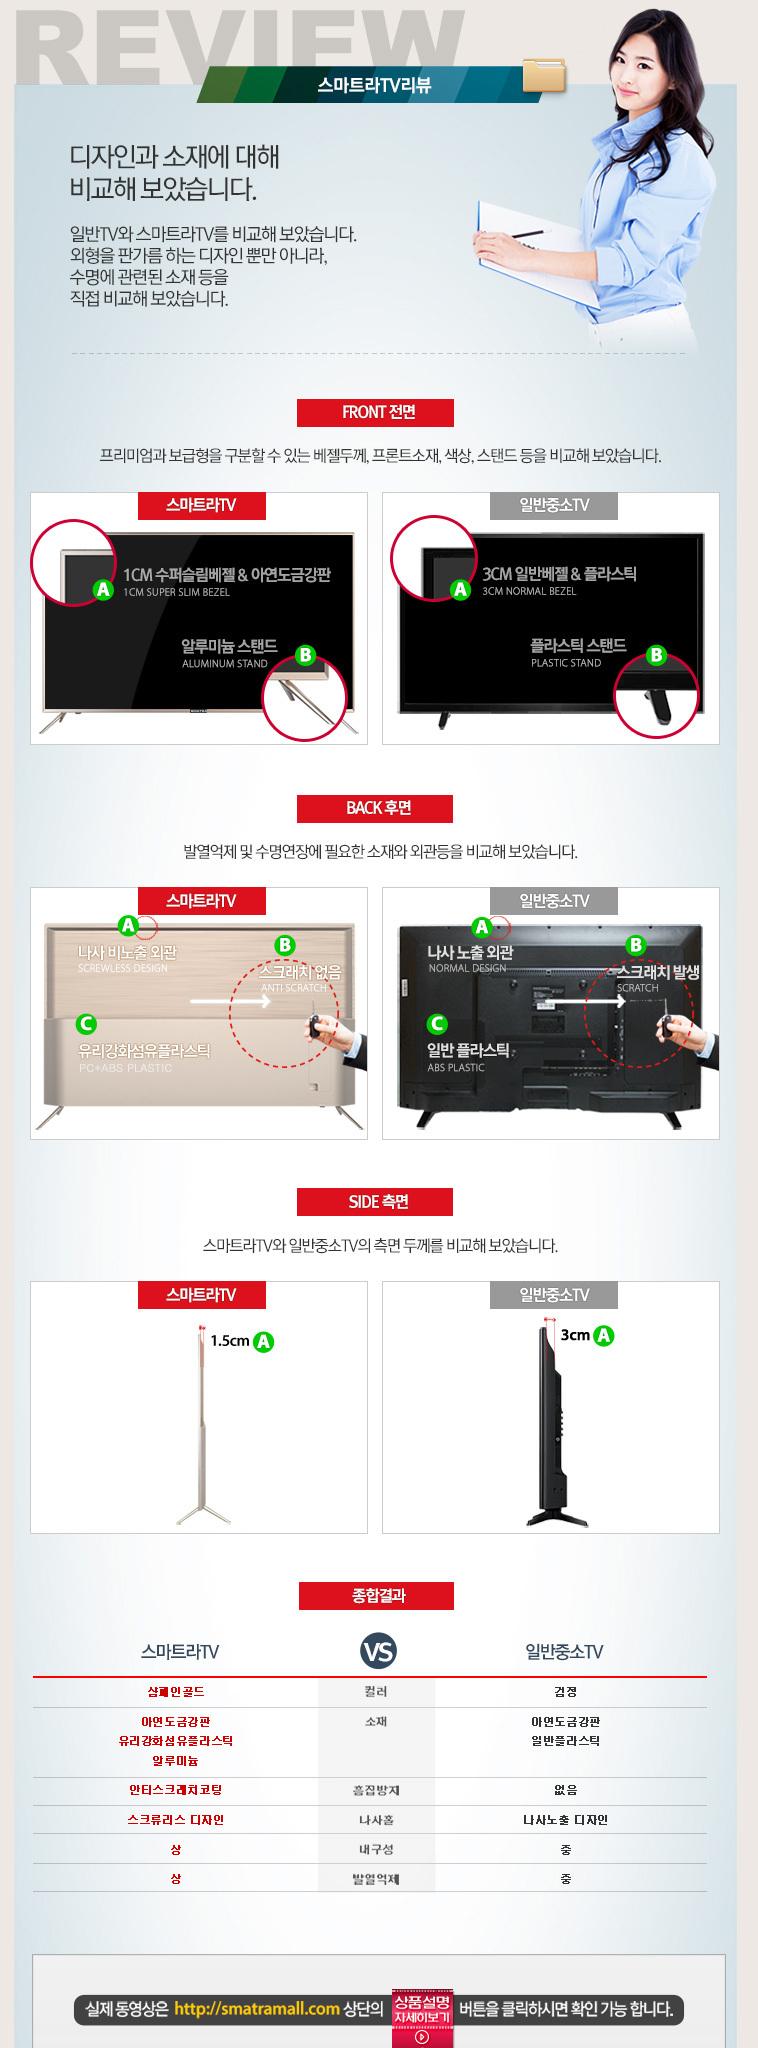 특! 스마트라 55인치 UHD TV UHD-55F - 상세정보